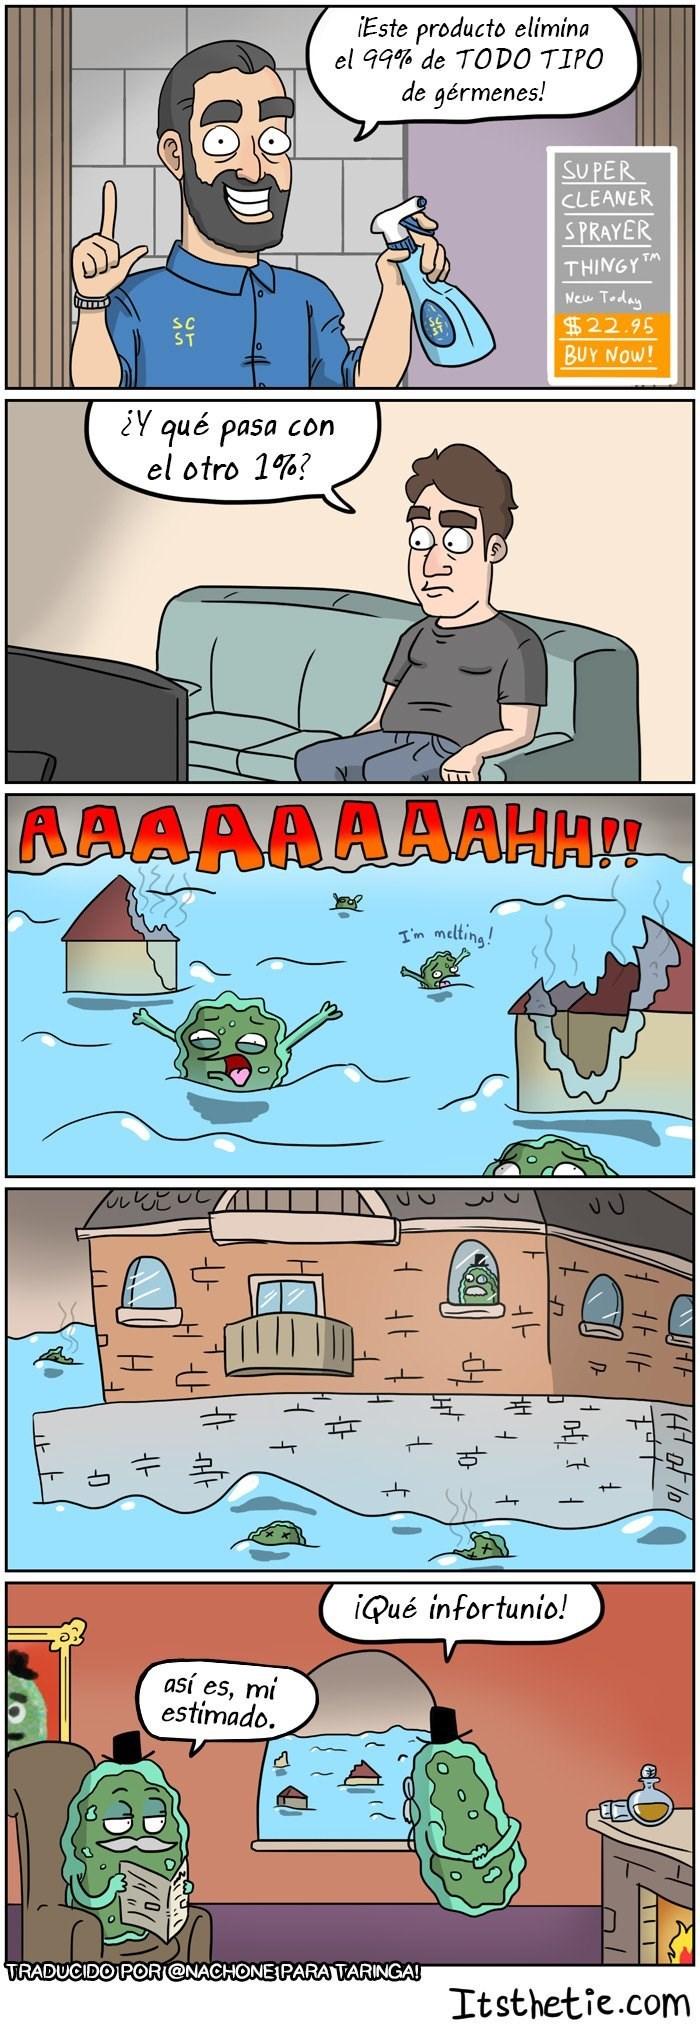 comic sobre el poder de un producto antibacterial